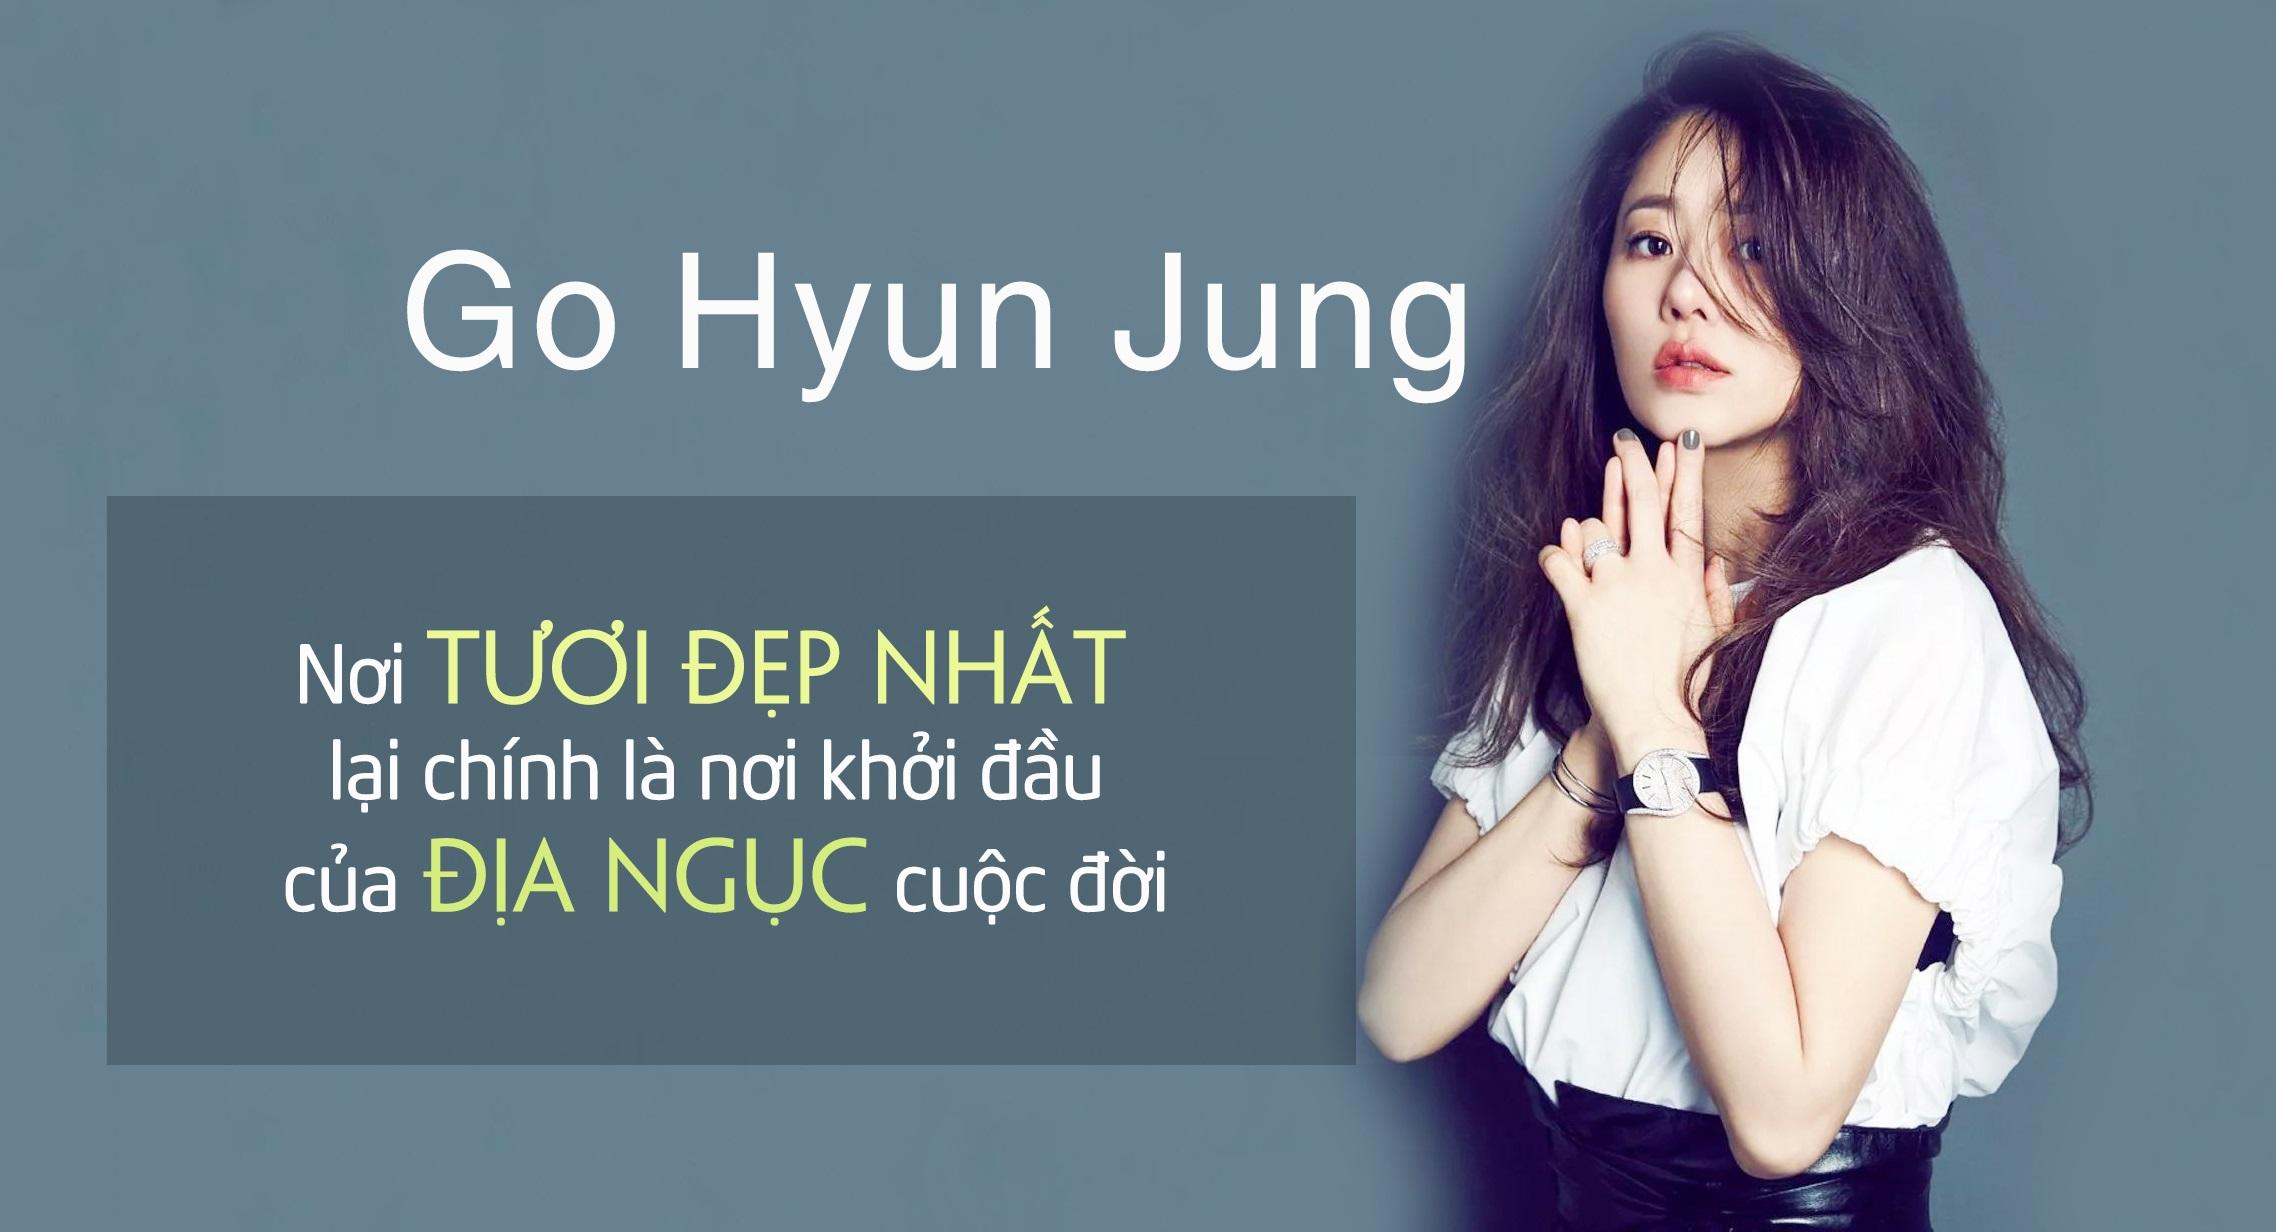 Làm dâu nhà tài phiệt Samsung: Tấn bi kịch cuộc đời của diễn viênGo Hyun Jung